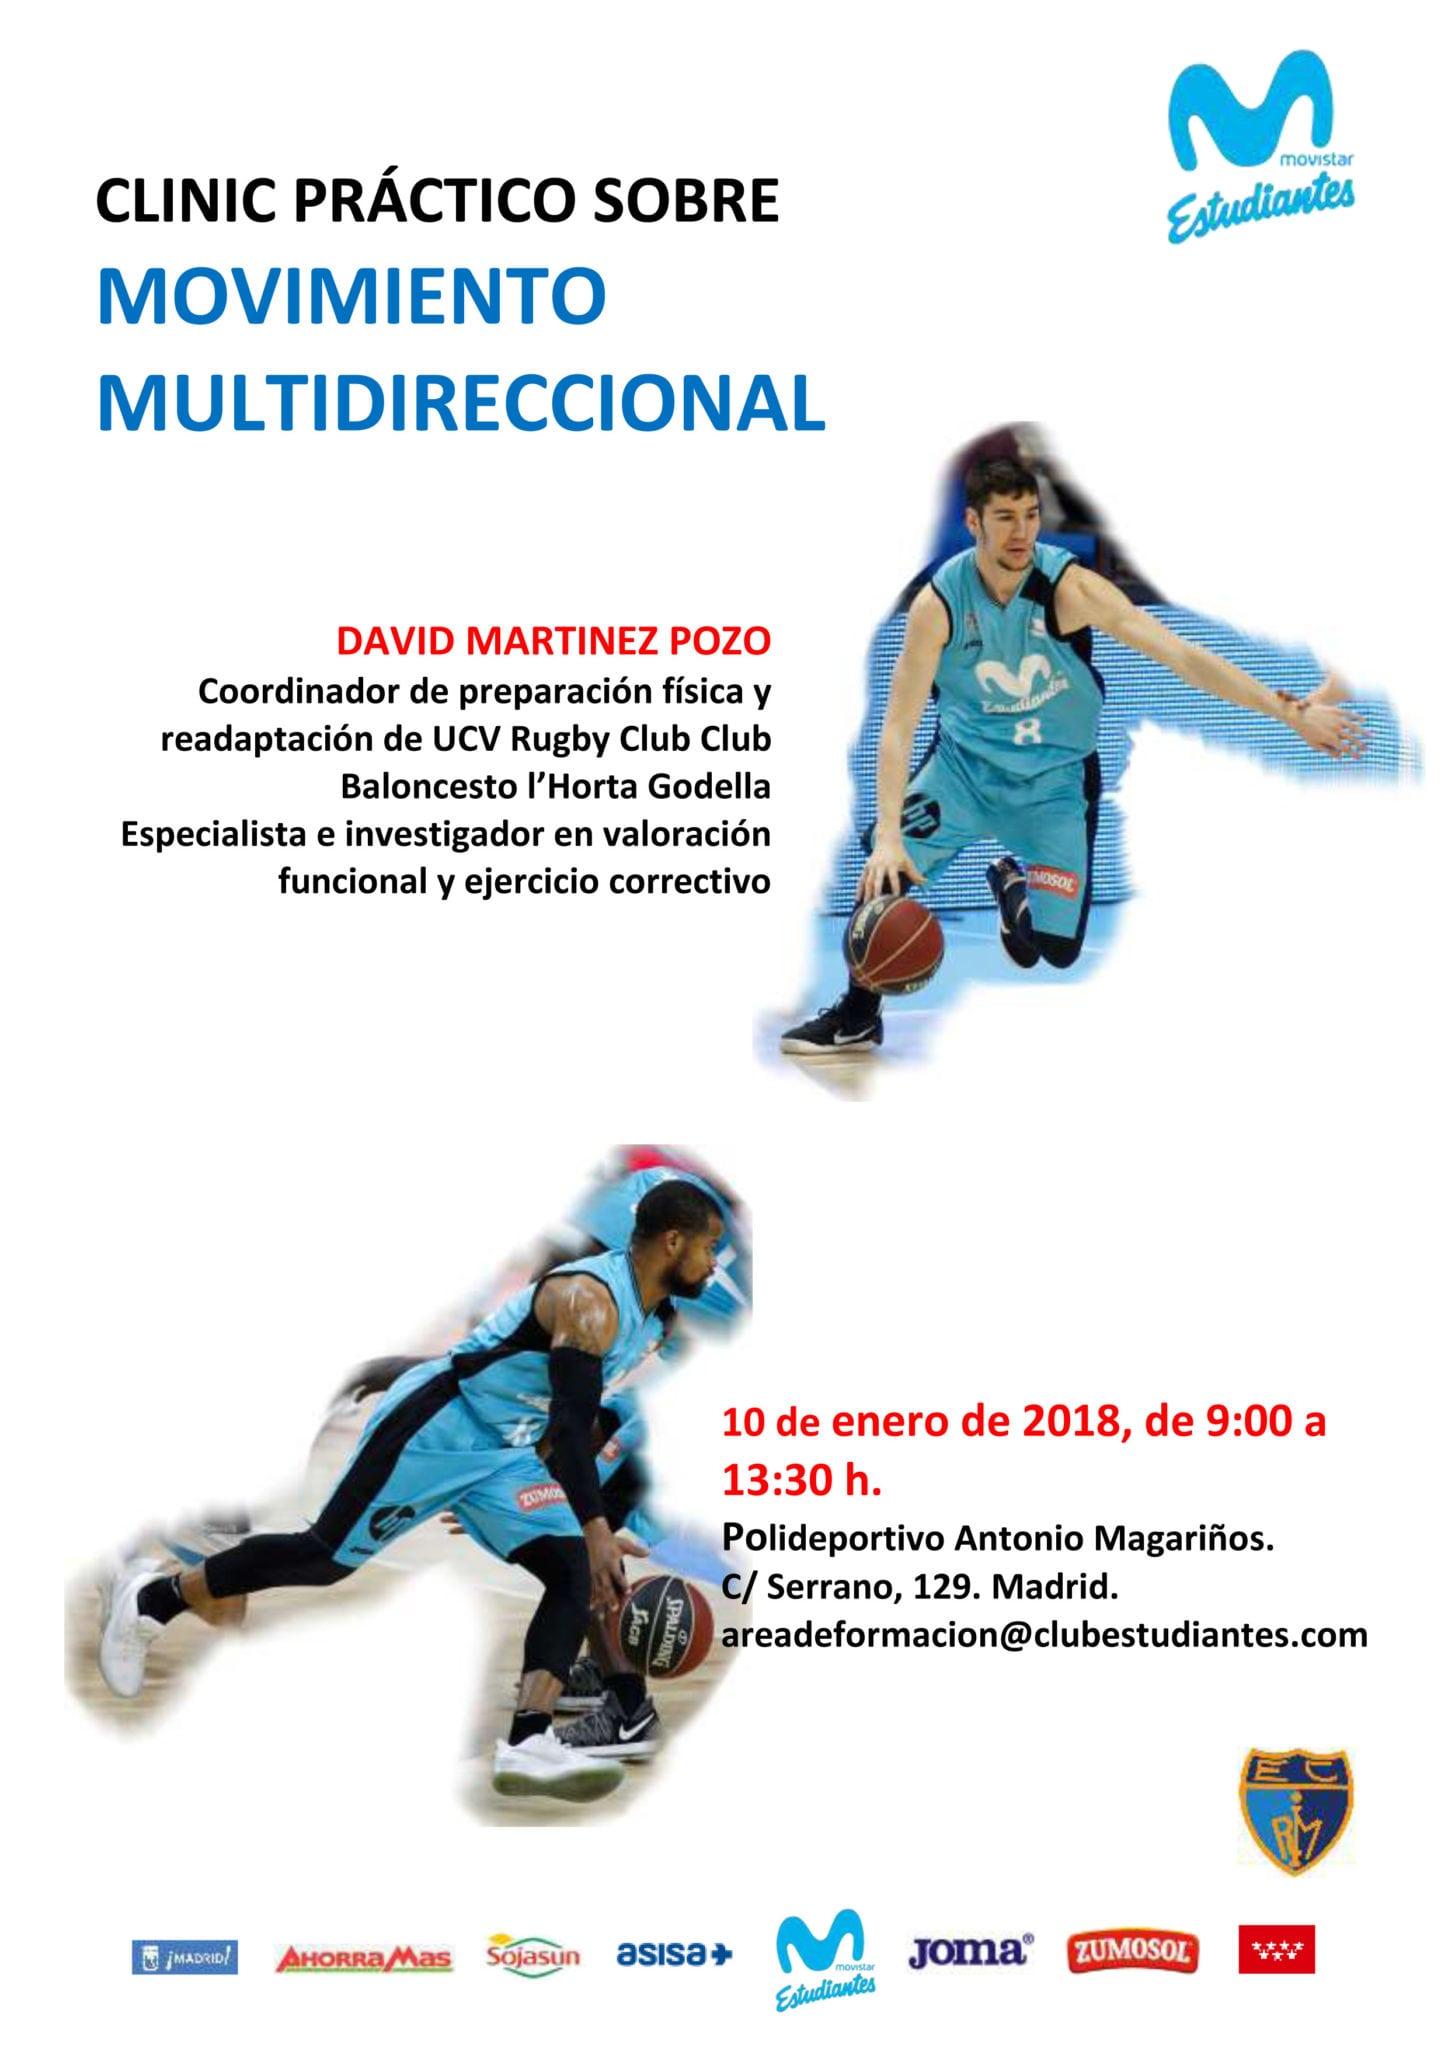 Clínic práctico sobre Movimiento Multidireccional, 10 de enero, Magariños